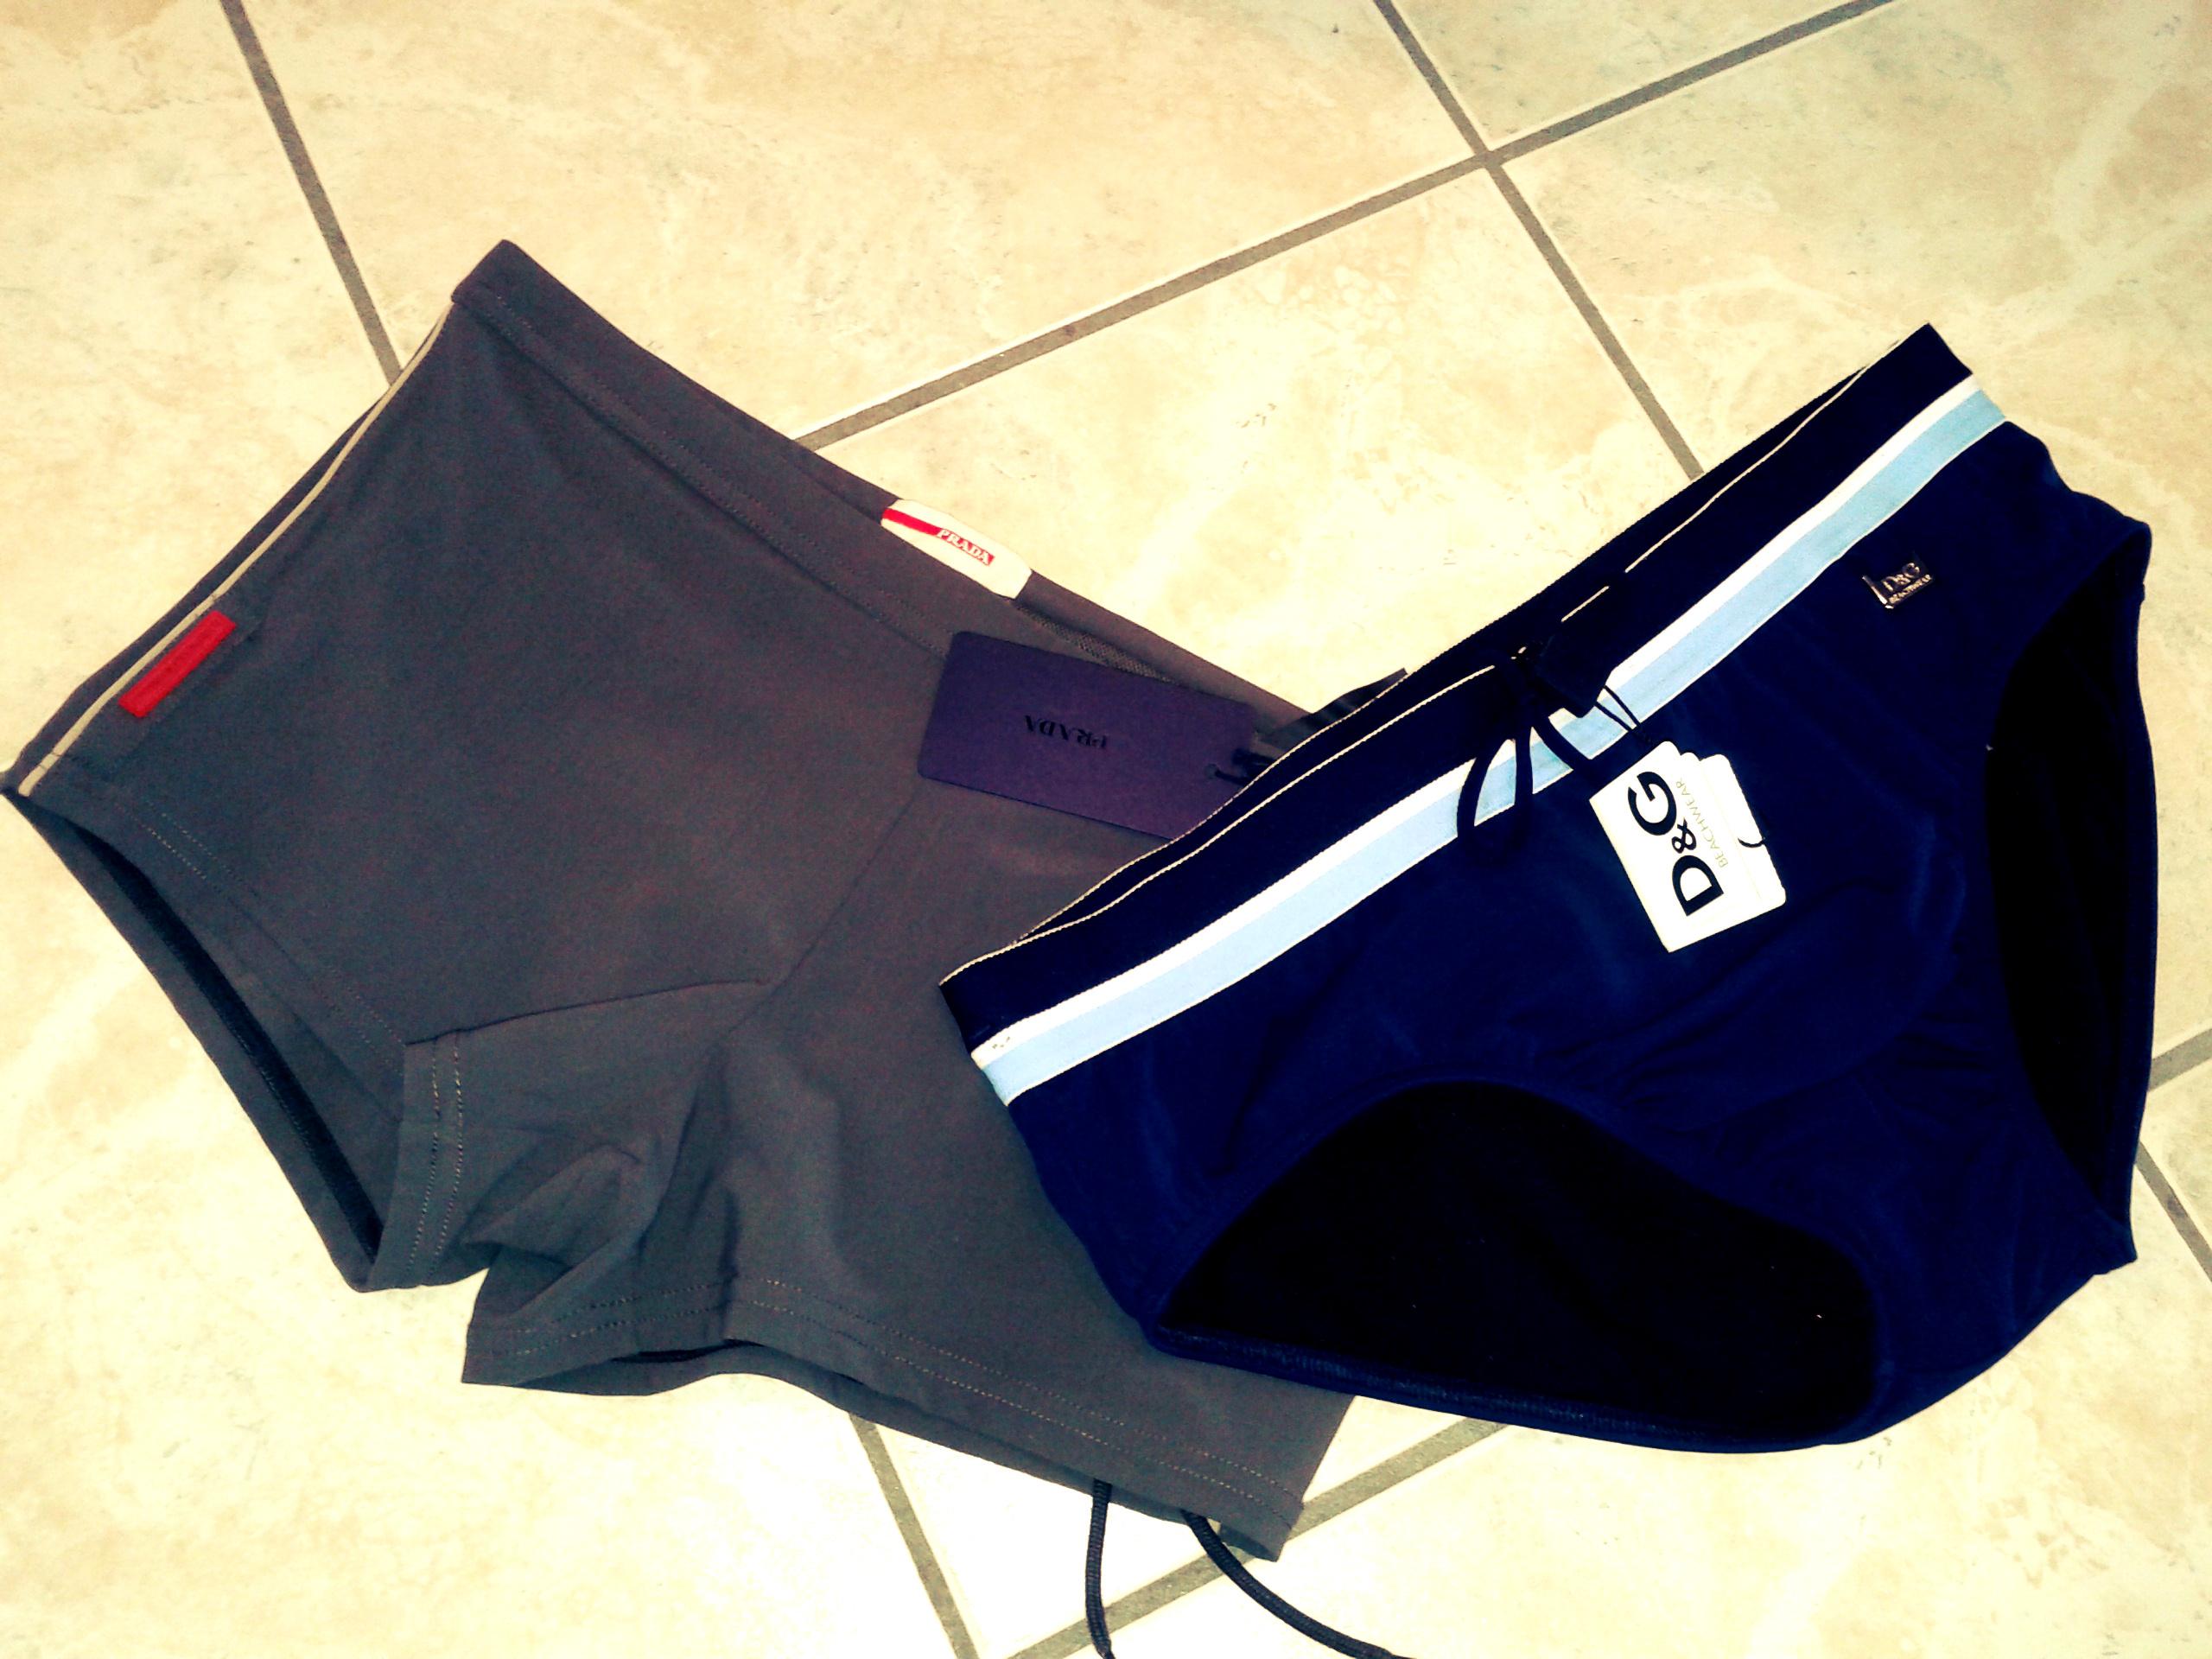 outlet 4b096 fd61a OUTLETtiamo presenta la moda mare: grandi firme a prezzo ...